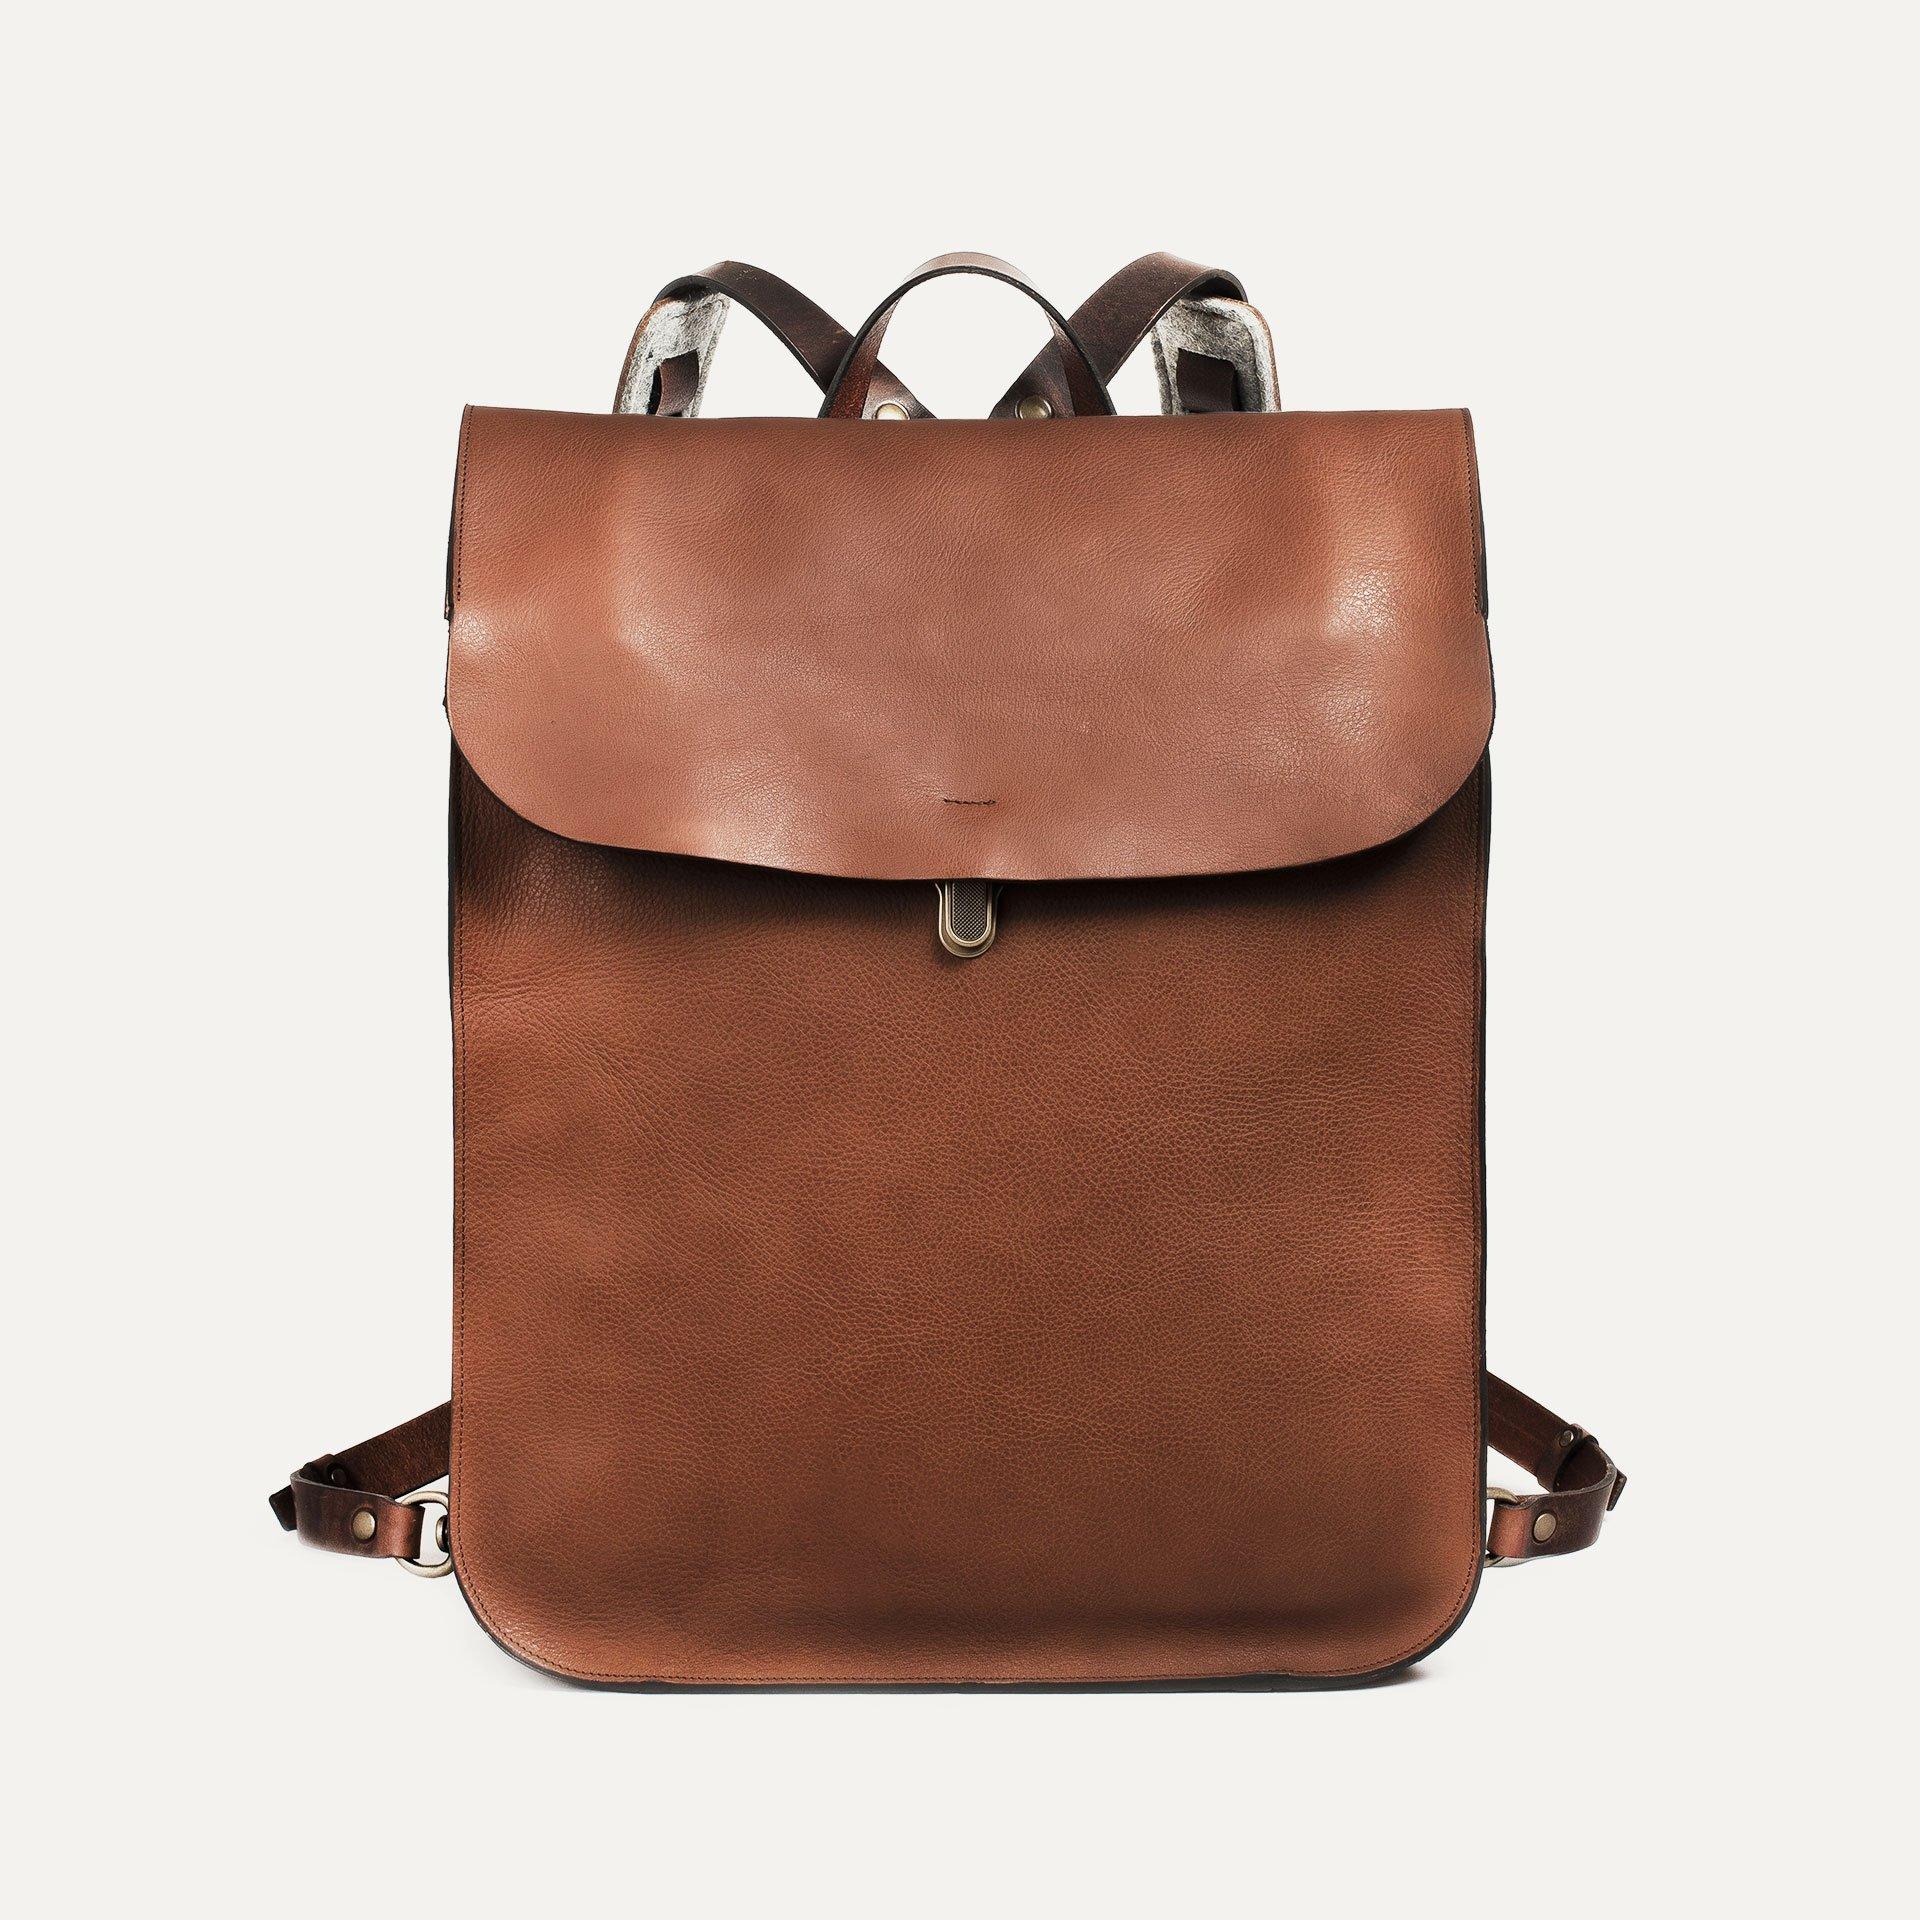 Arlo leather backpack - Cuba Libre / E Pure (image n°1)